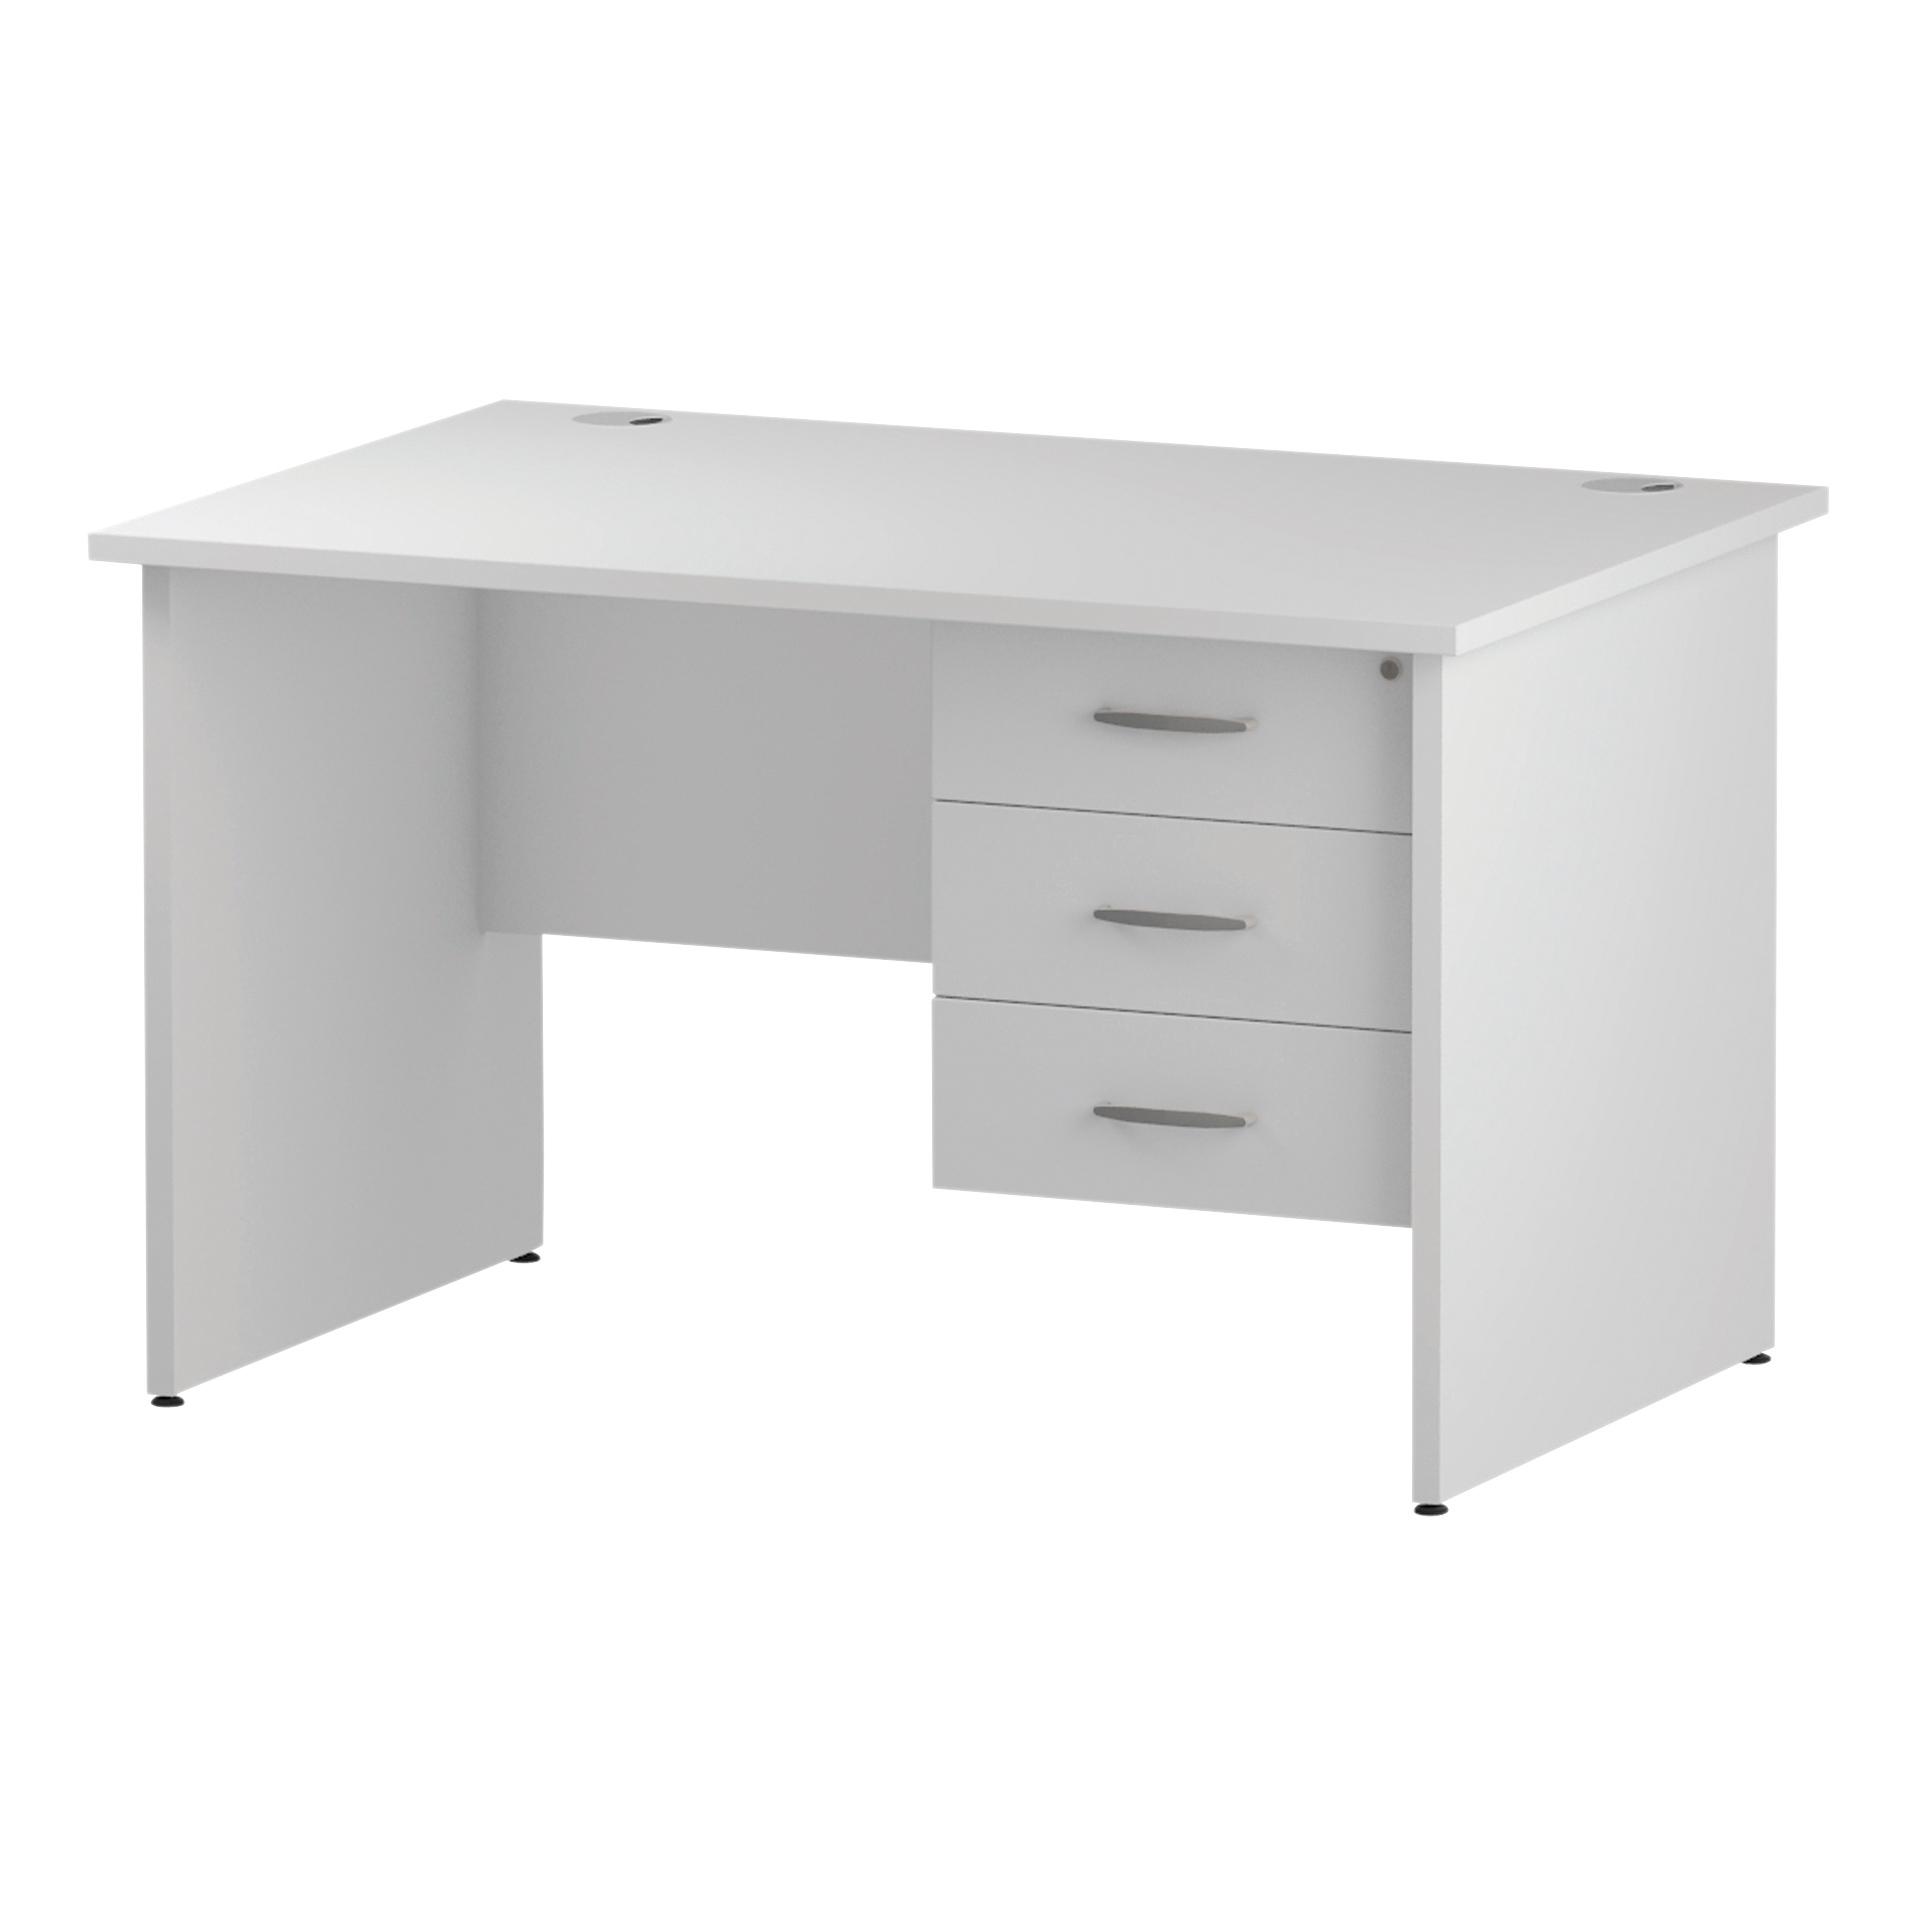 Trexus Rectangular Desk Panel End Leg 1200x800mm Fixed Pedestal 3 Drawers White Ref I002254